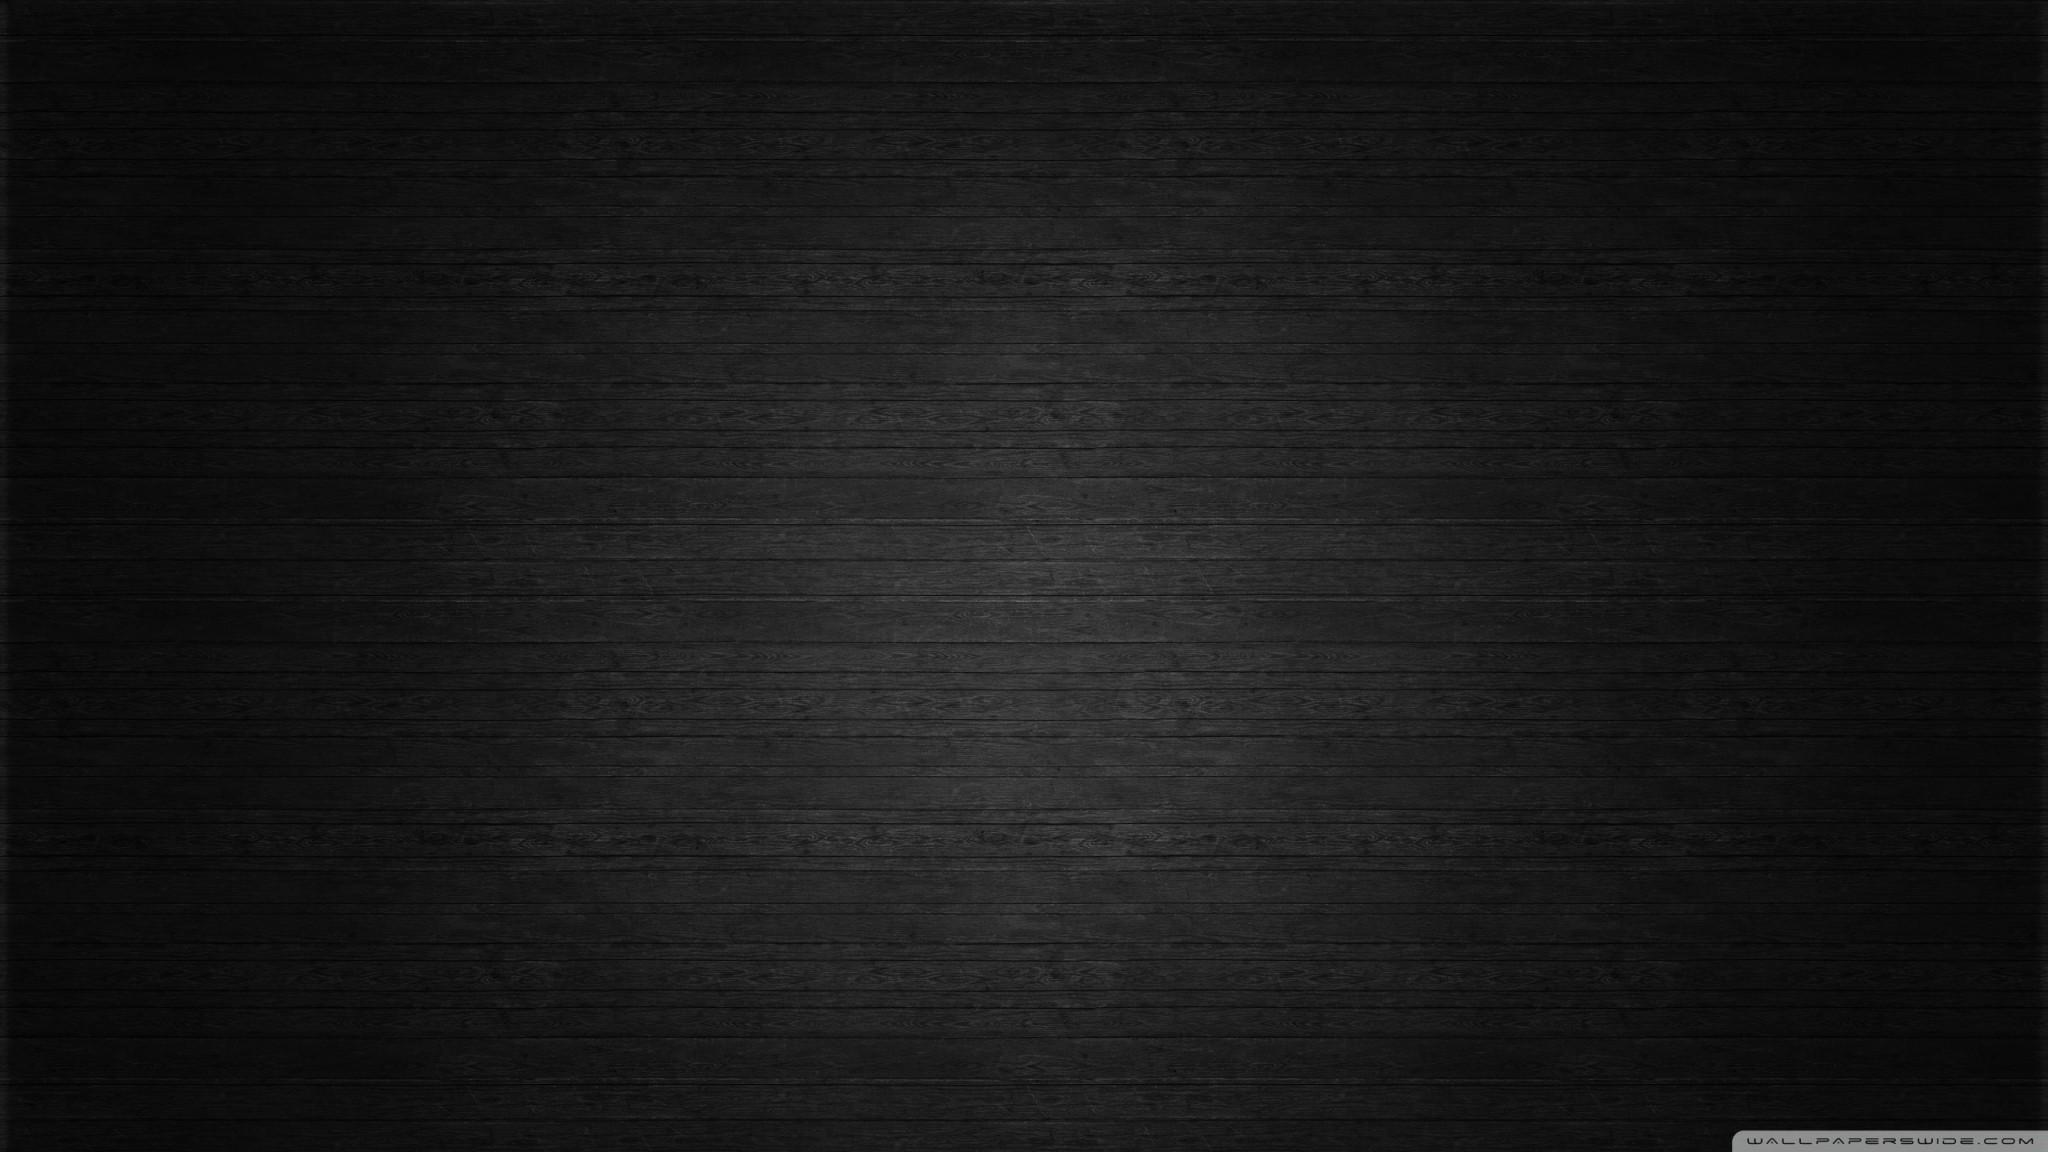 2048 X 1152 Pixels Wallpaper 90 Images